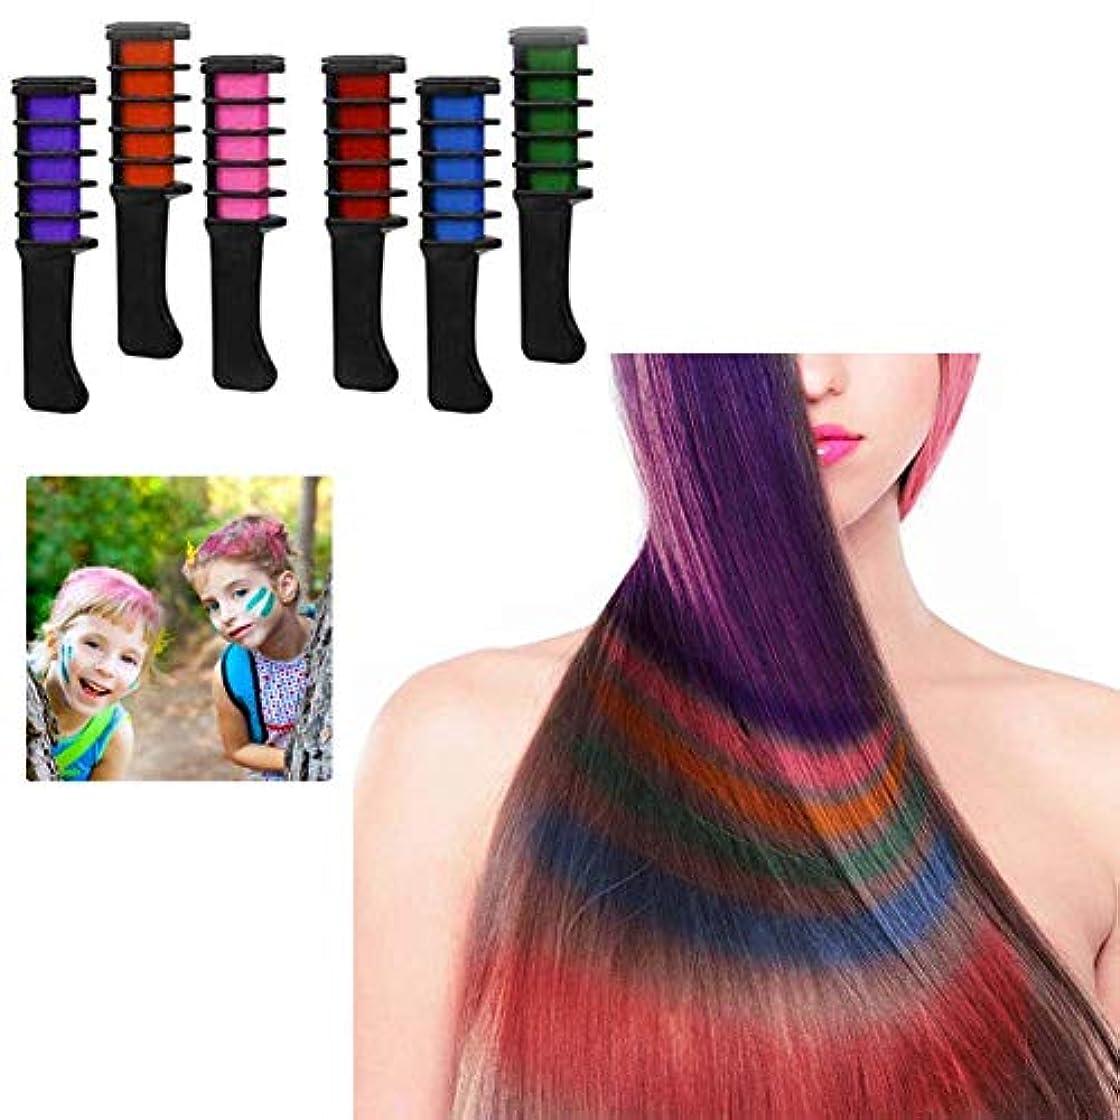 建築地震良心的髪染めツール使い捨てパーソナルサロンヘアカラーチョーク用ヘアダイヘアチョークくし